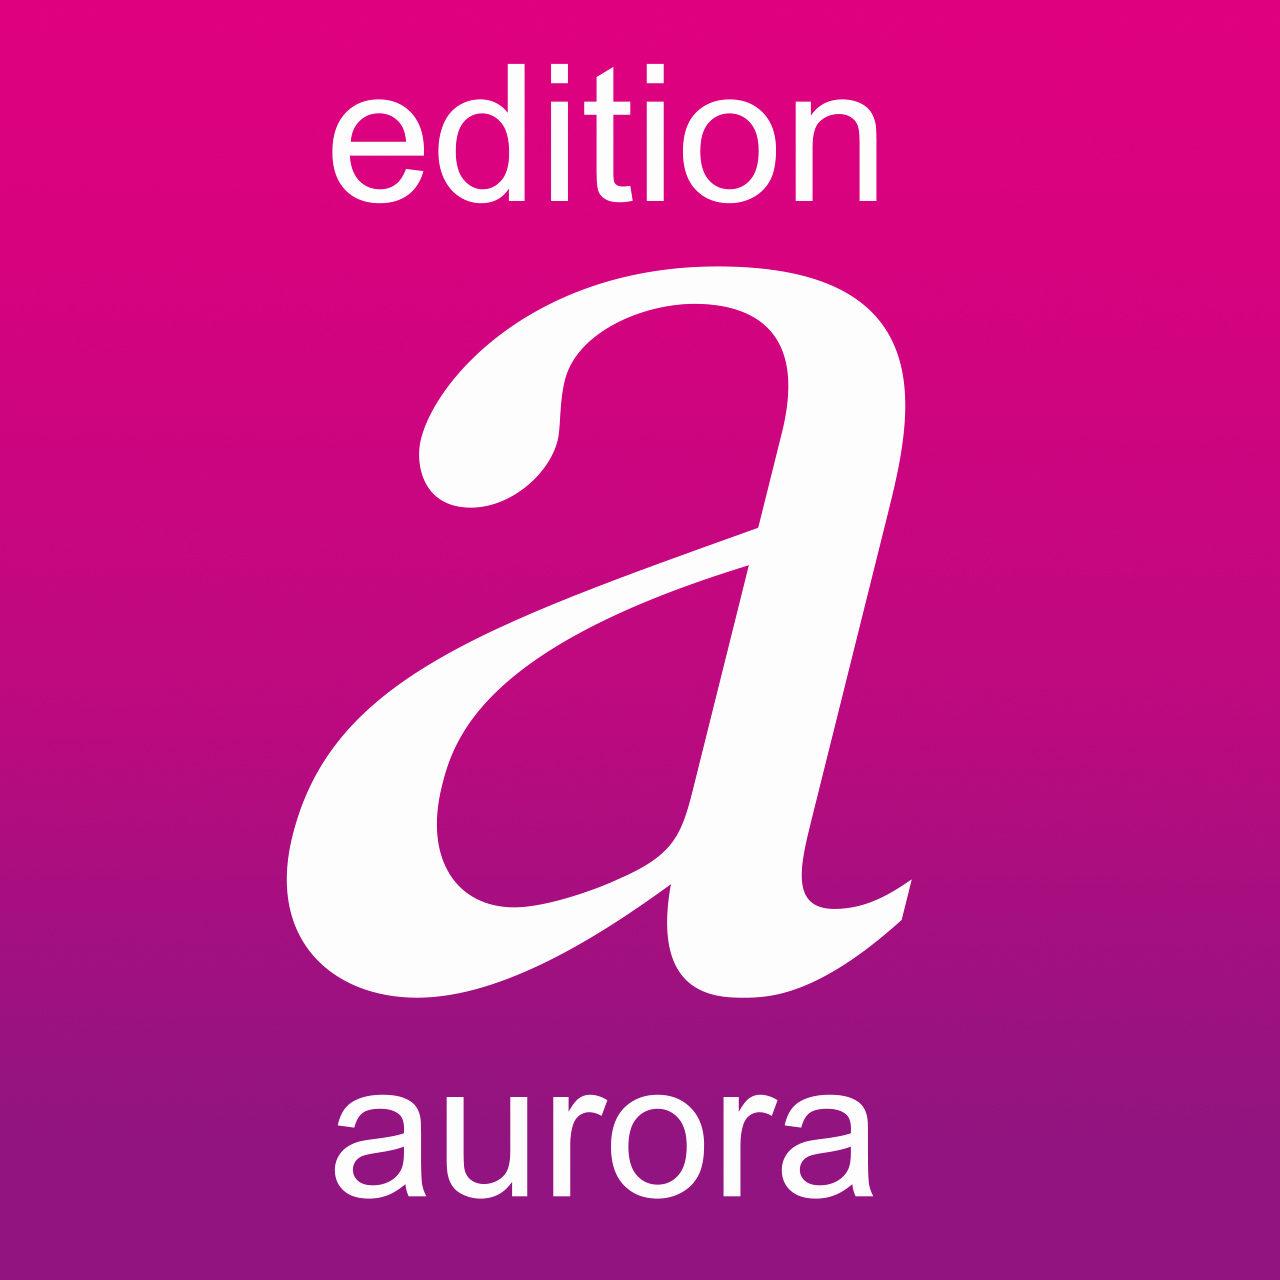 edition aurora